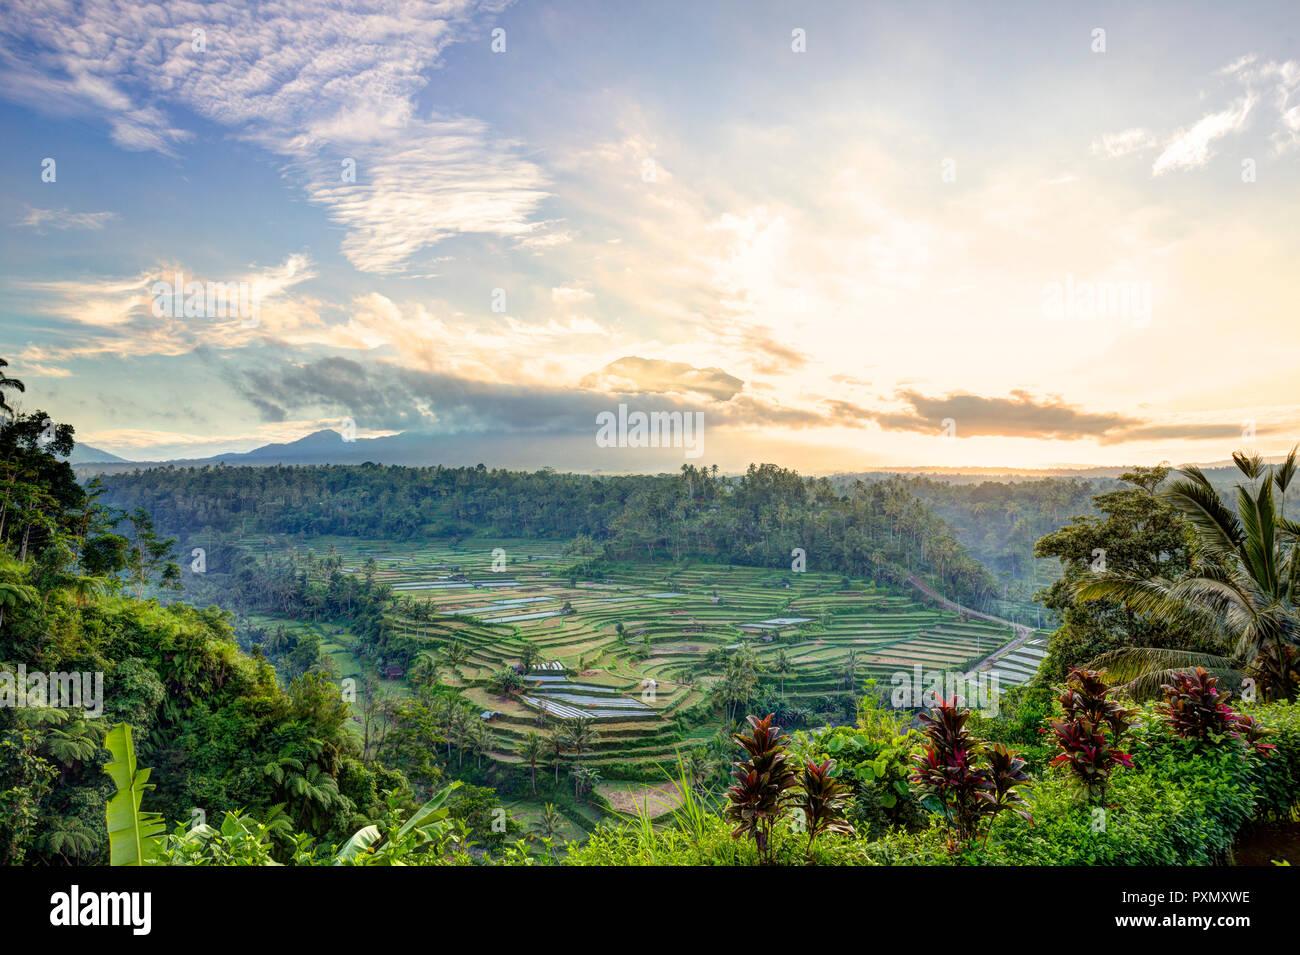 Vue sur les rizières en terrasse et le volcan Gunung Agung au lever du soleil, Rendang, Bali, Indonésie Photo Stock